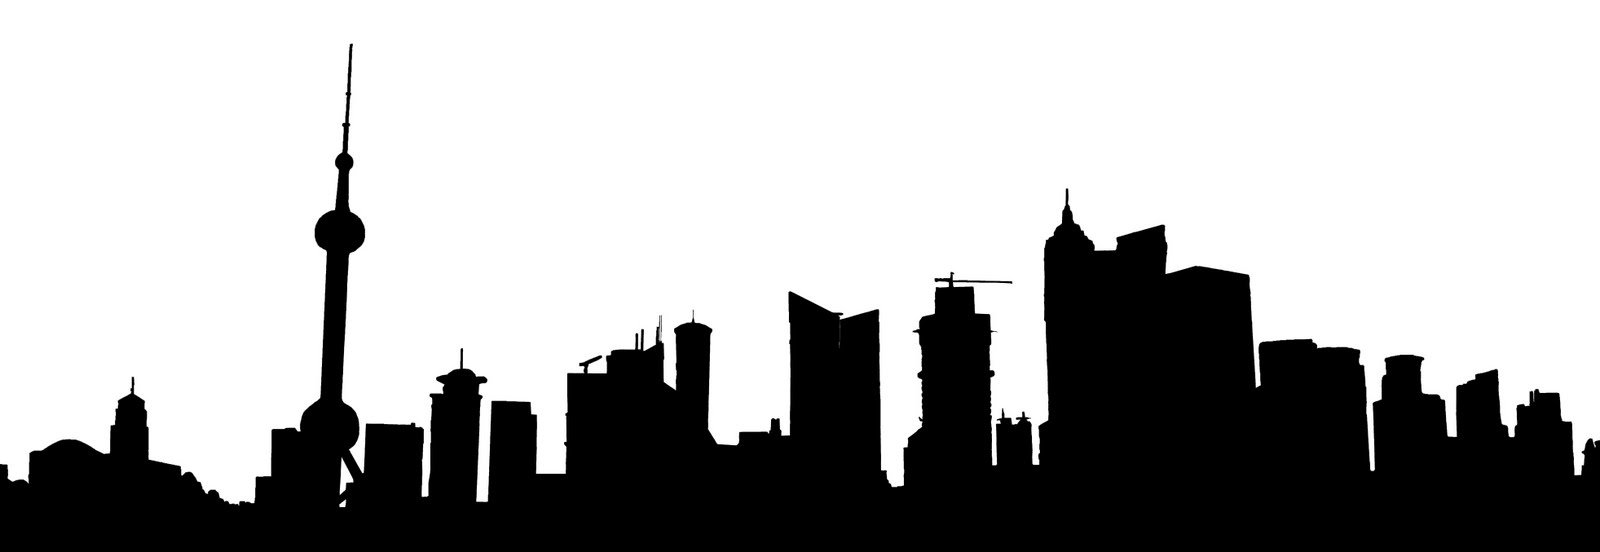 Landscape Silhouette Clipart.